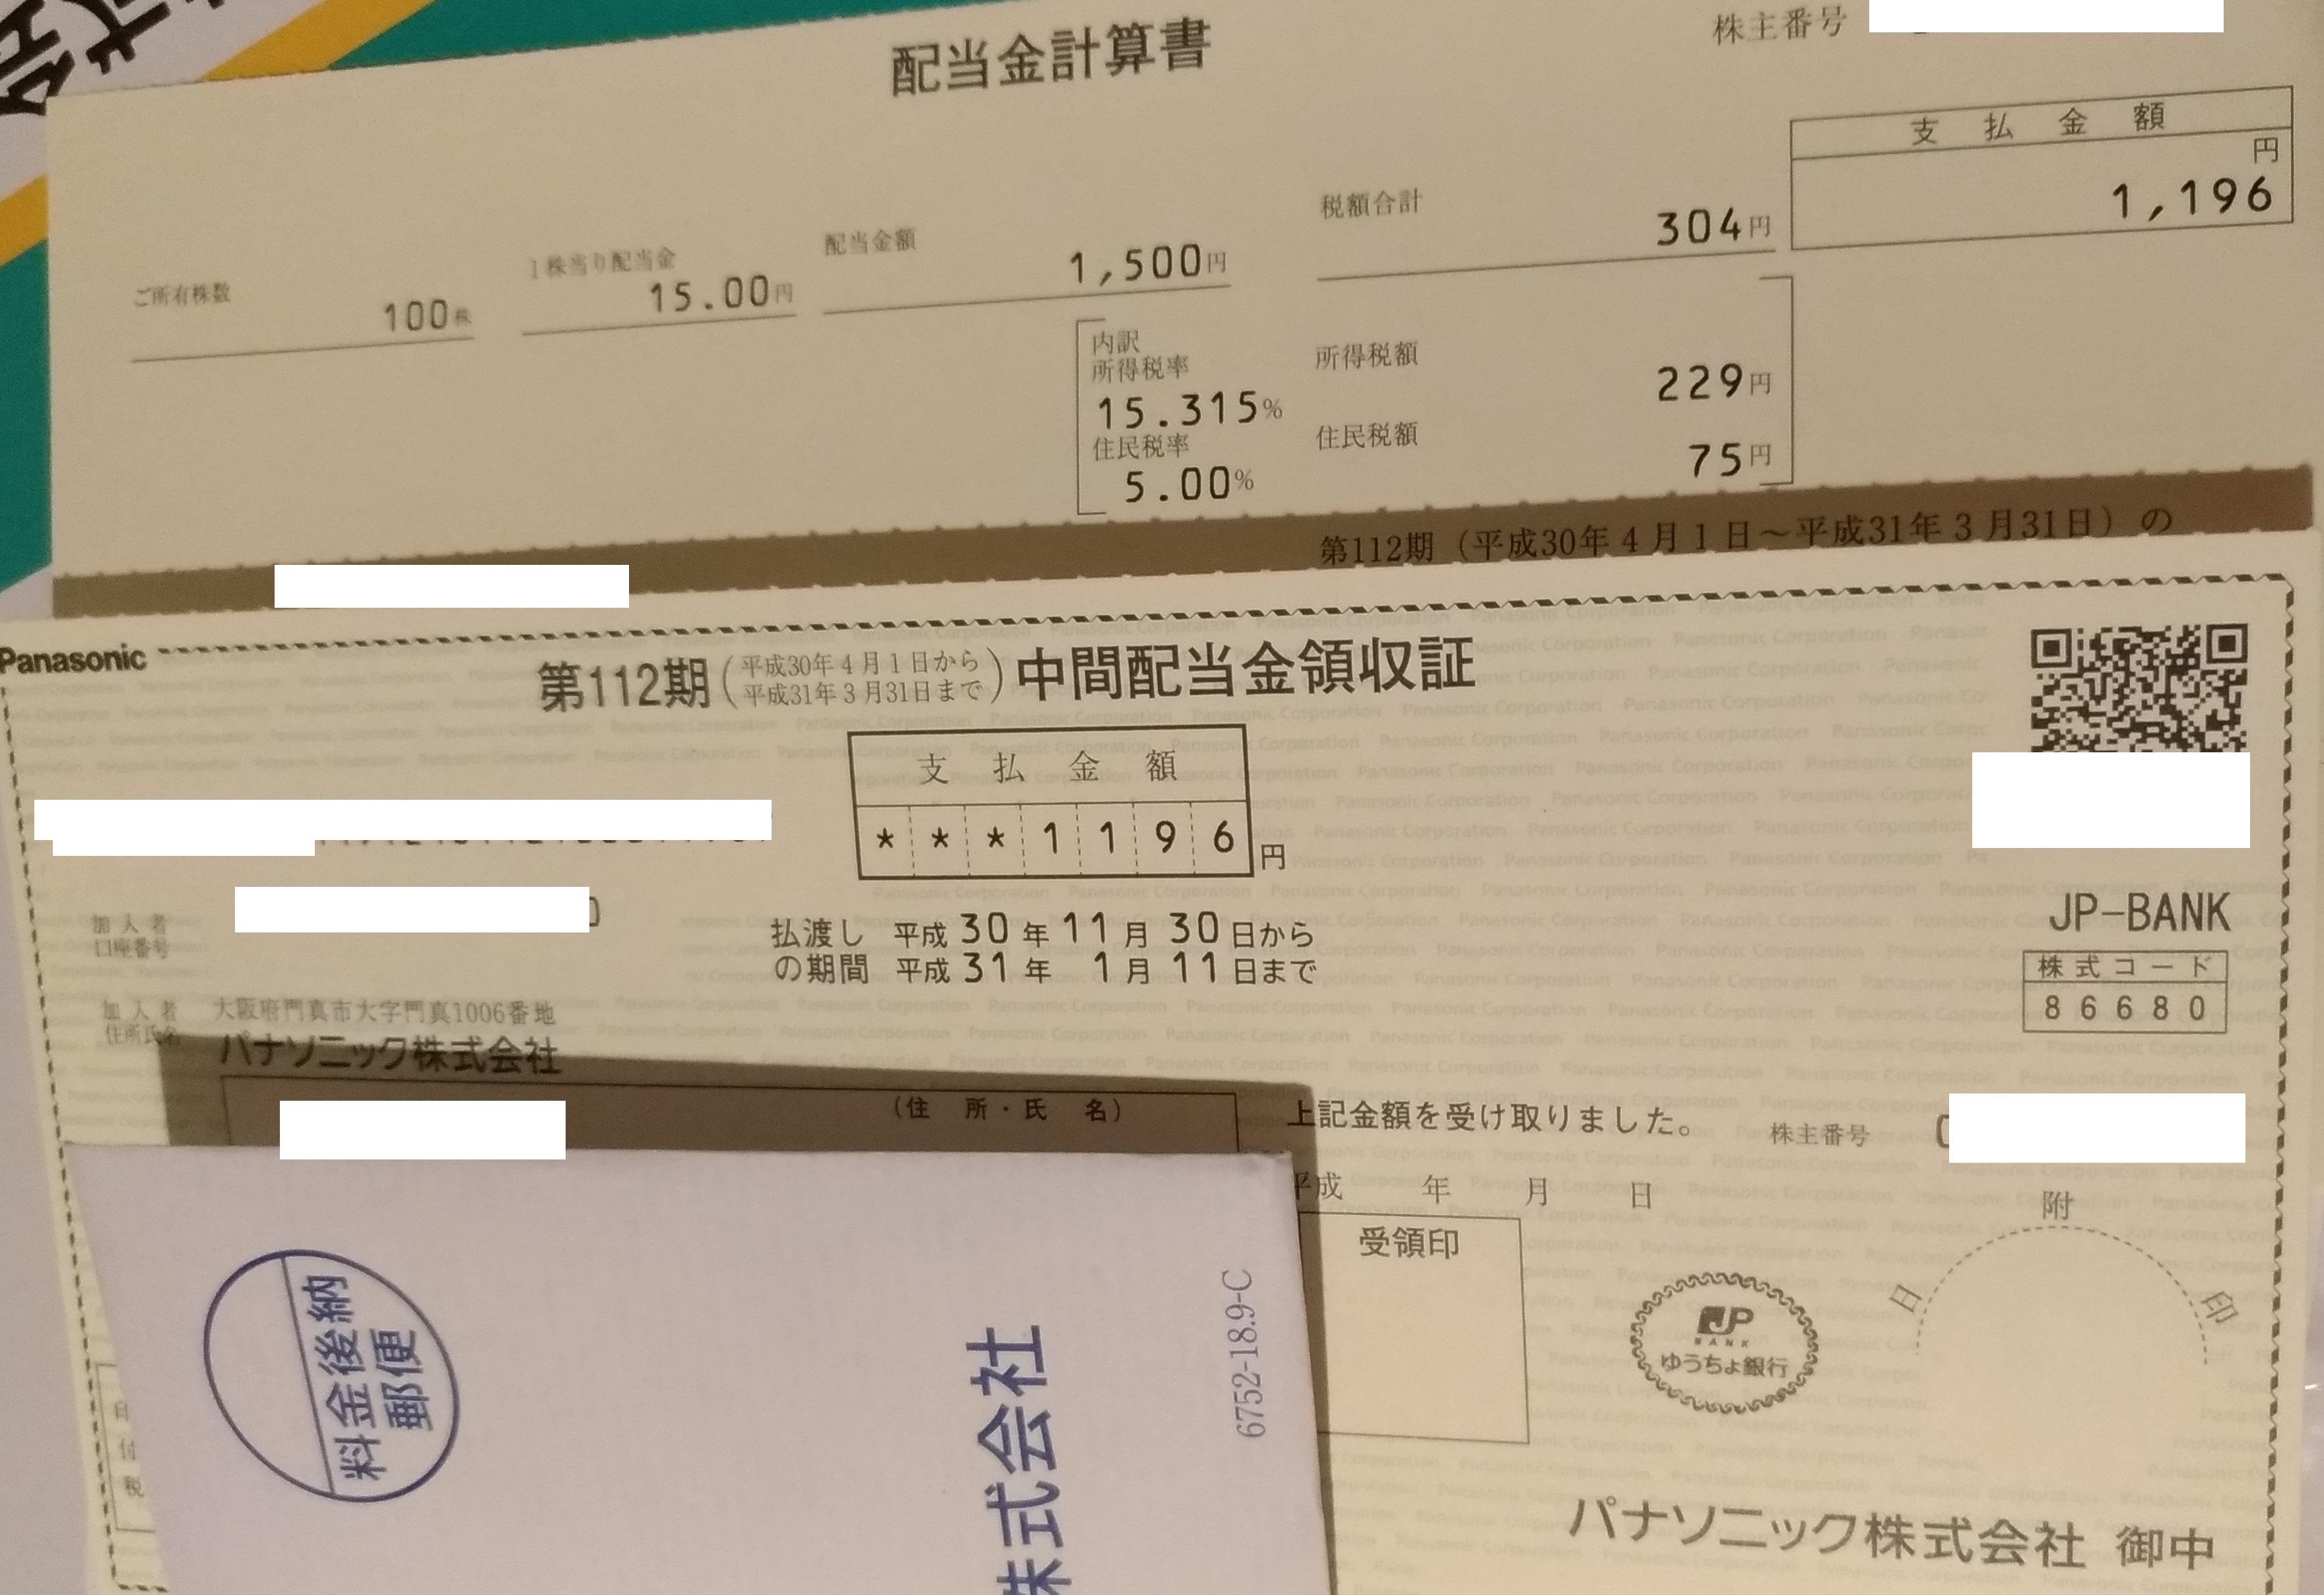 panasonic_haito_201811_9gatsu.jpg